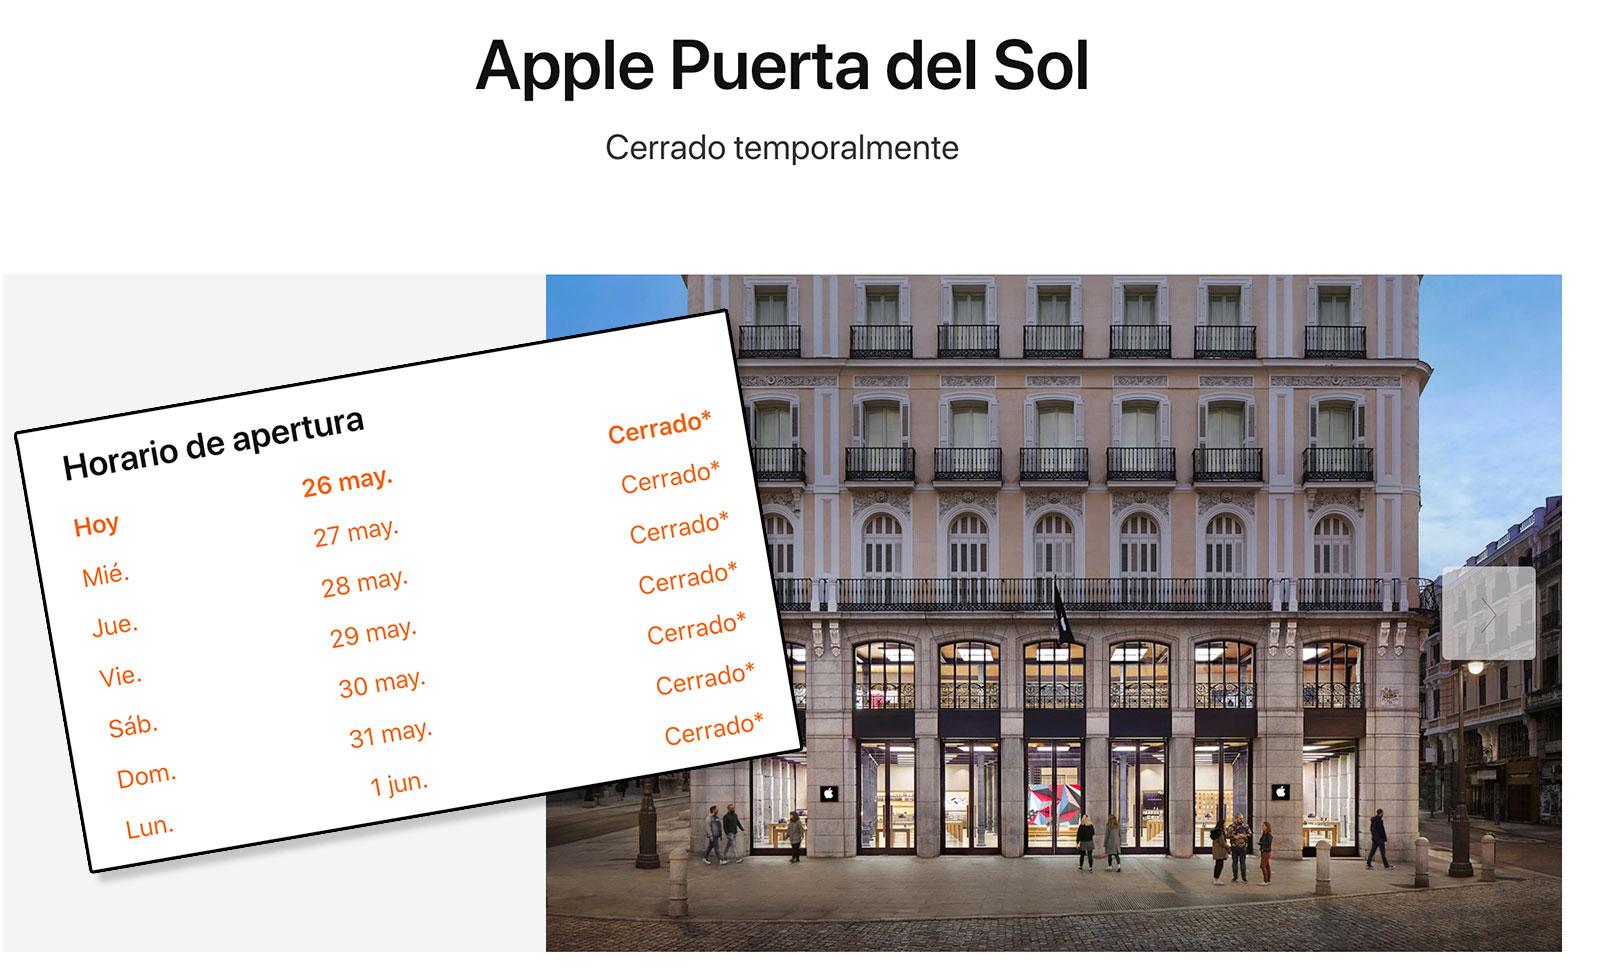 Apple de la Puerta del Sol cerrada debido al Coronavirus